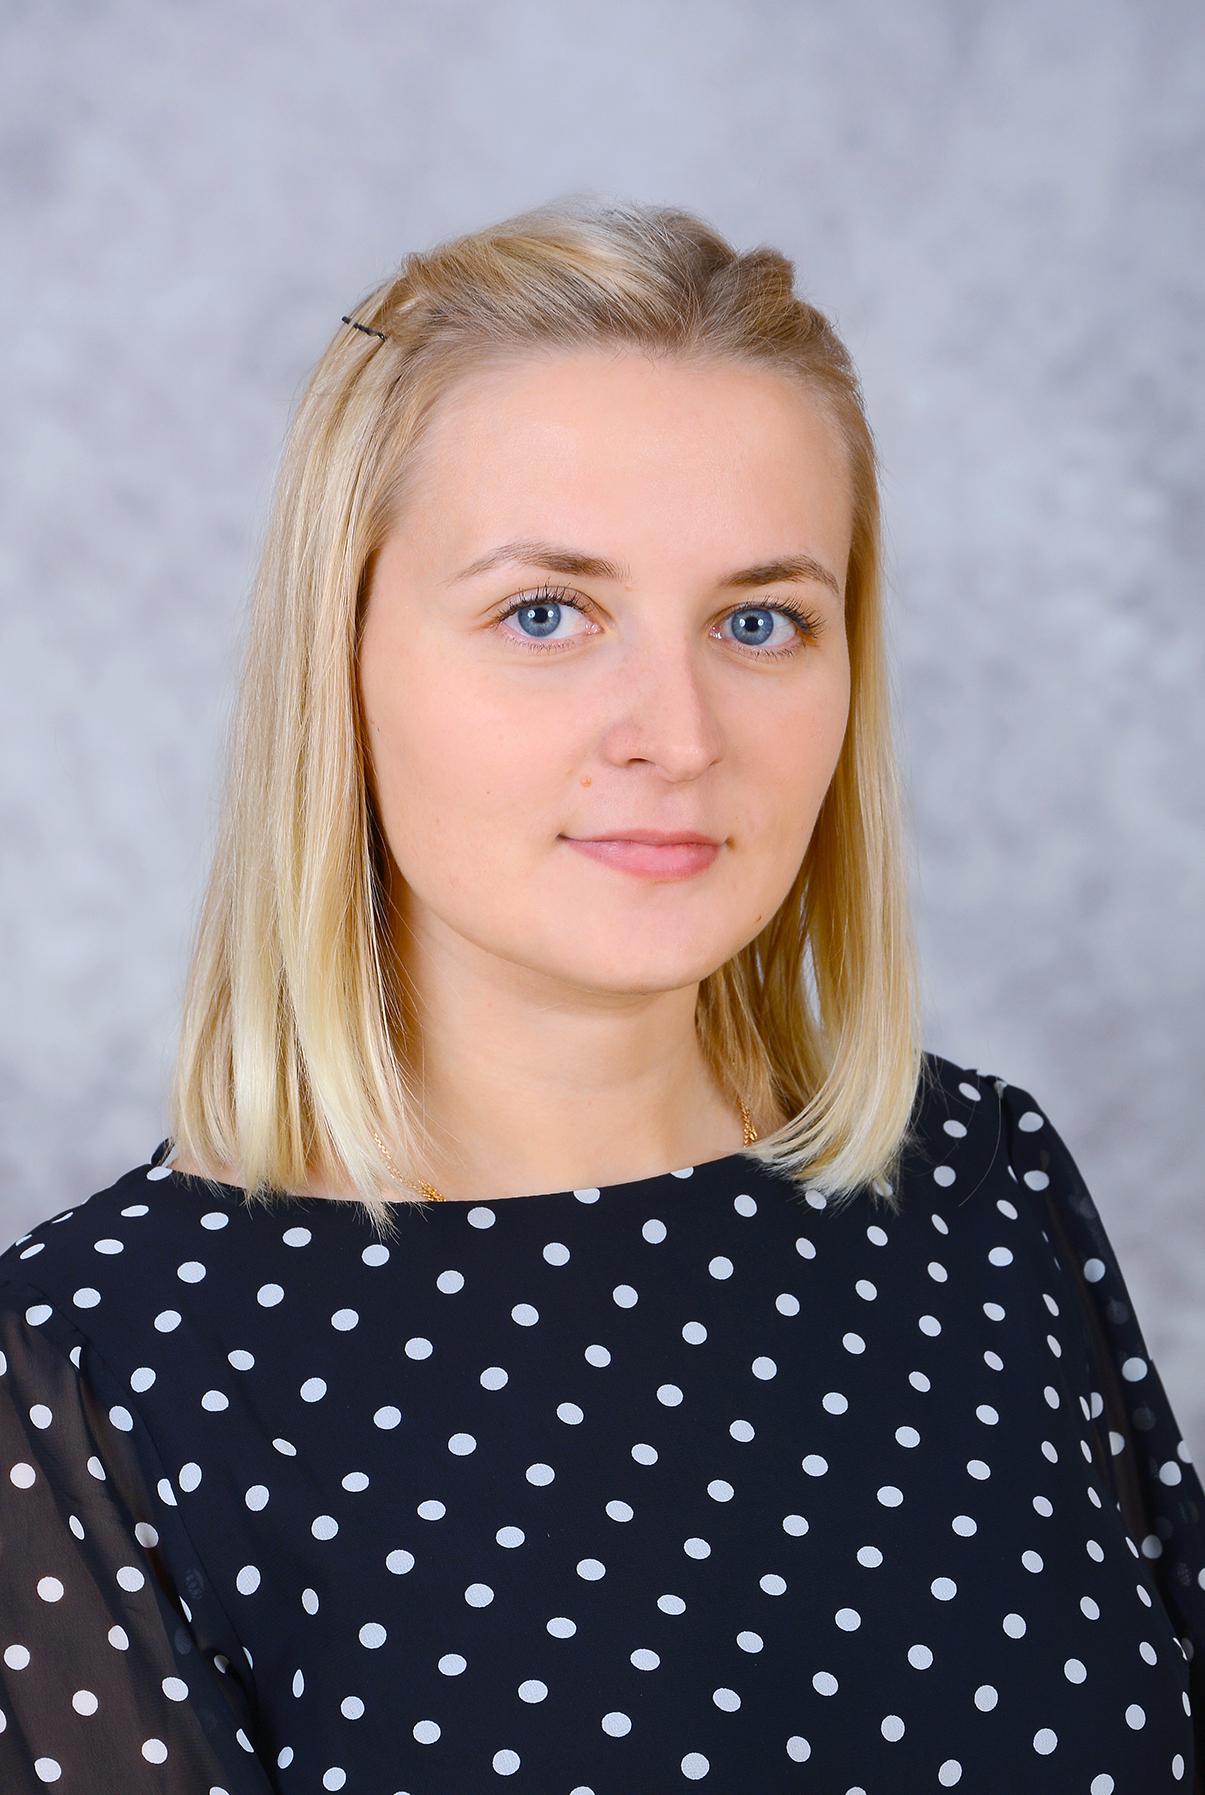 Учитель начальных классов, Кузнецова Анастасия Николаевна